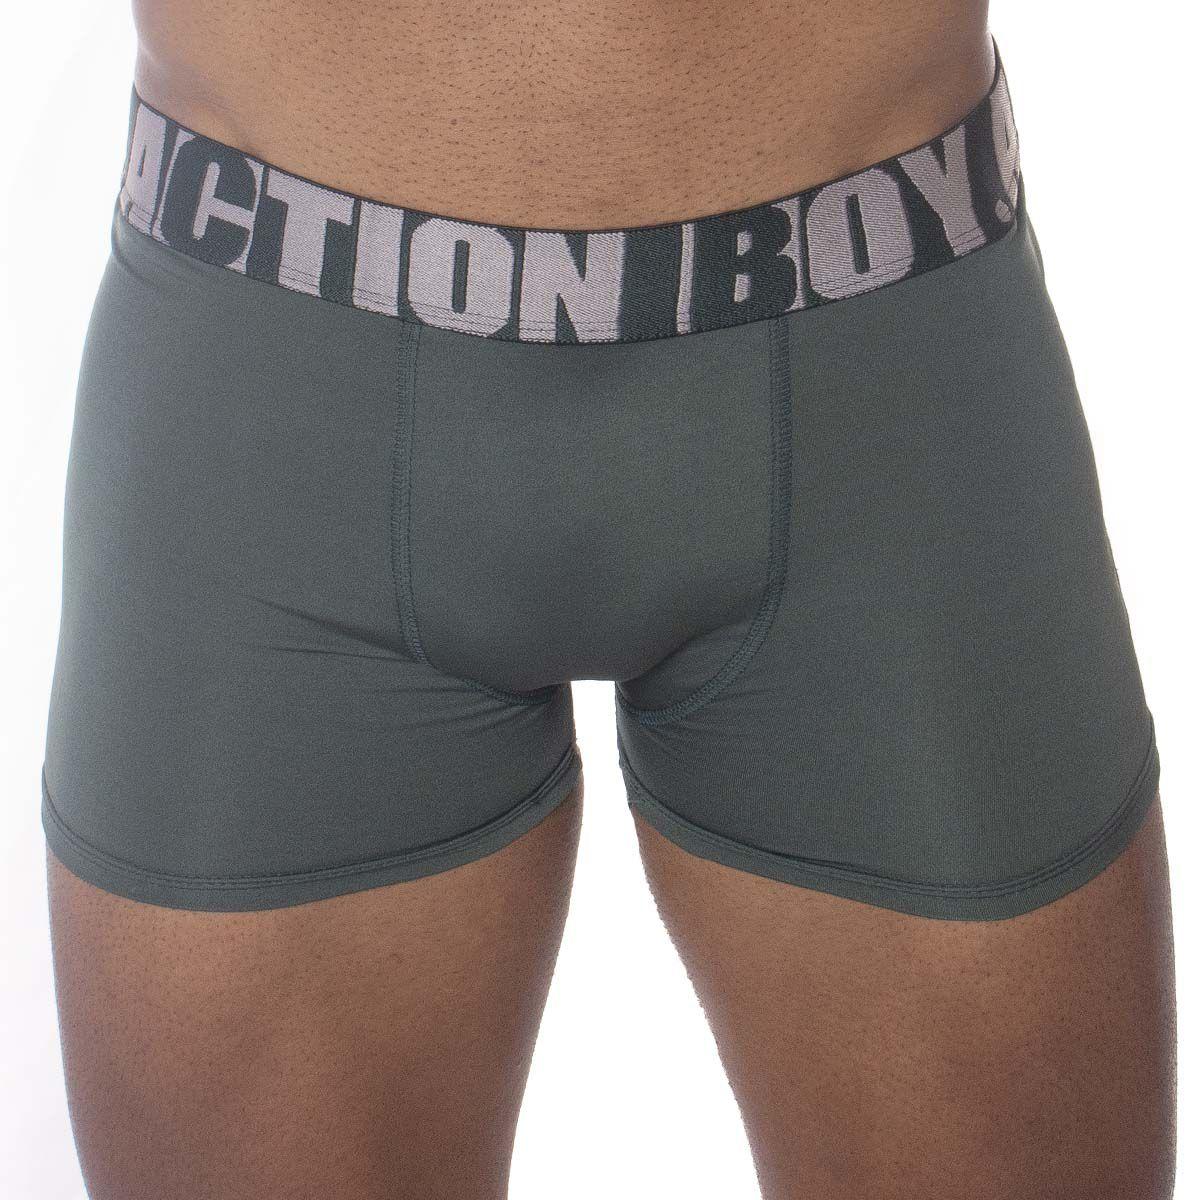 Kit com 6 cuecas Boxer em Algodão marca Action Boy